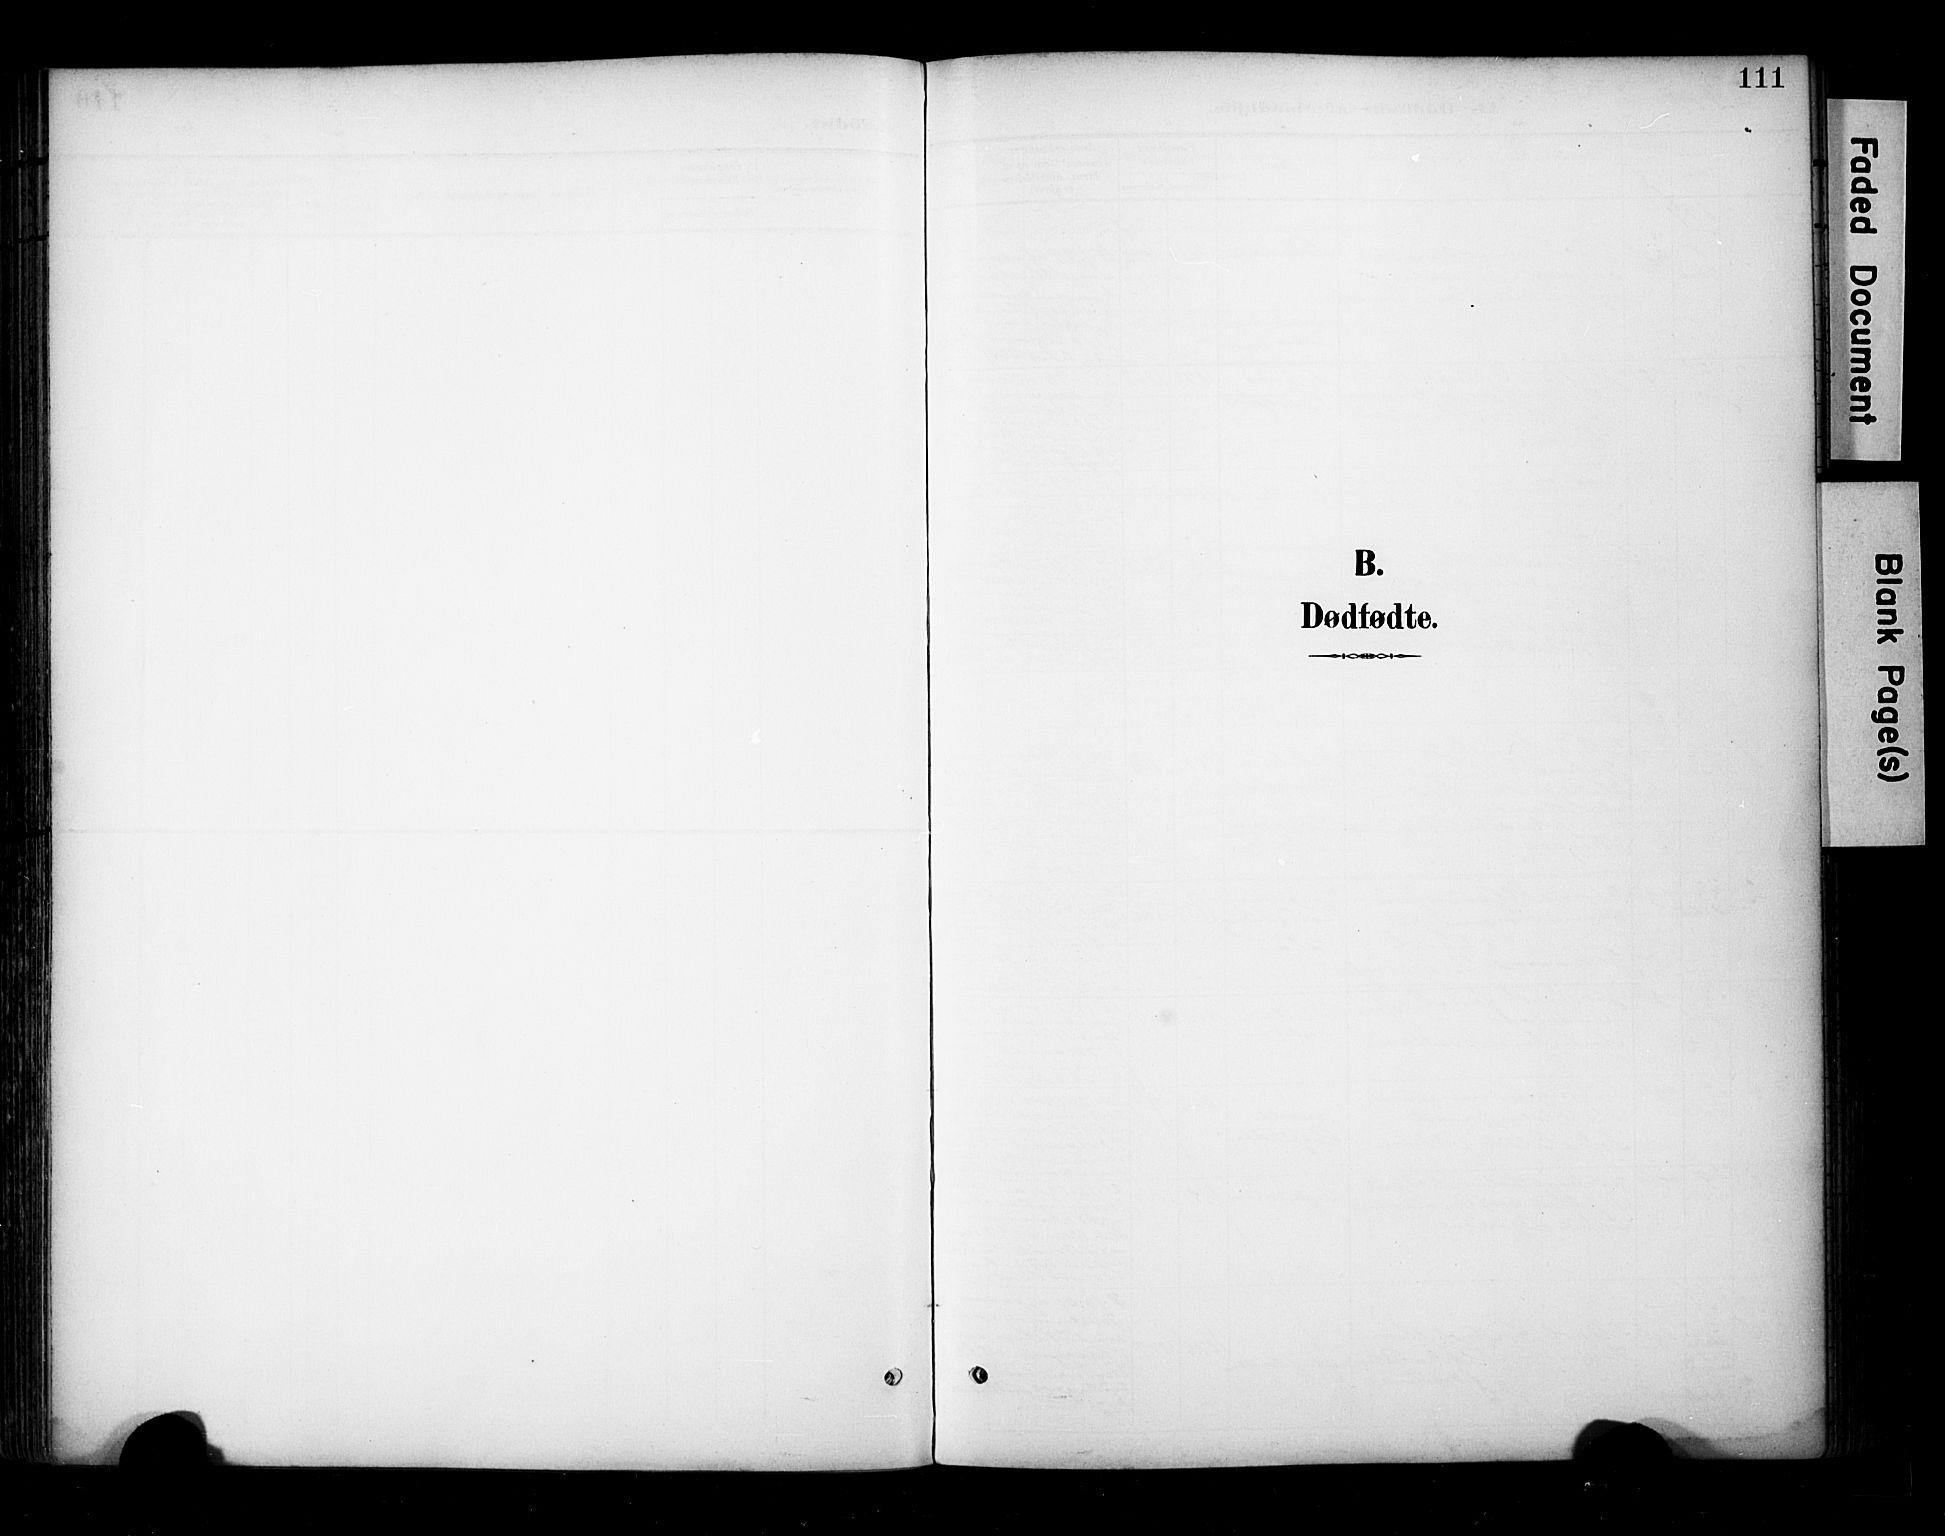 SAT, Ministerialprotokoller, klokkerbøker og fødselsregistre - Sør-Trøndelag, 681/L0936: Ministerialbok nr. 681A14, 1899-1908, s. 111